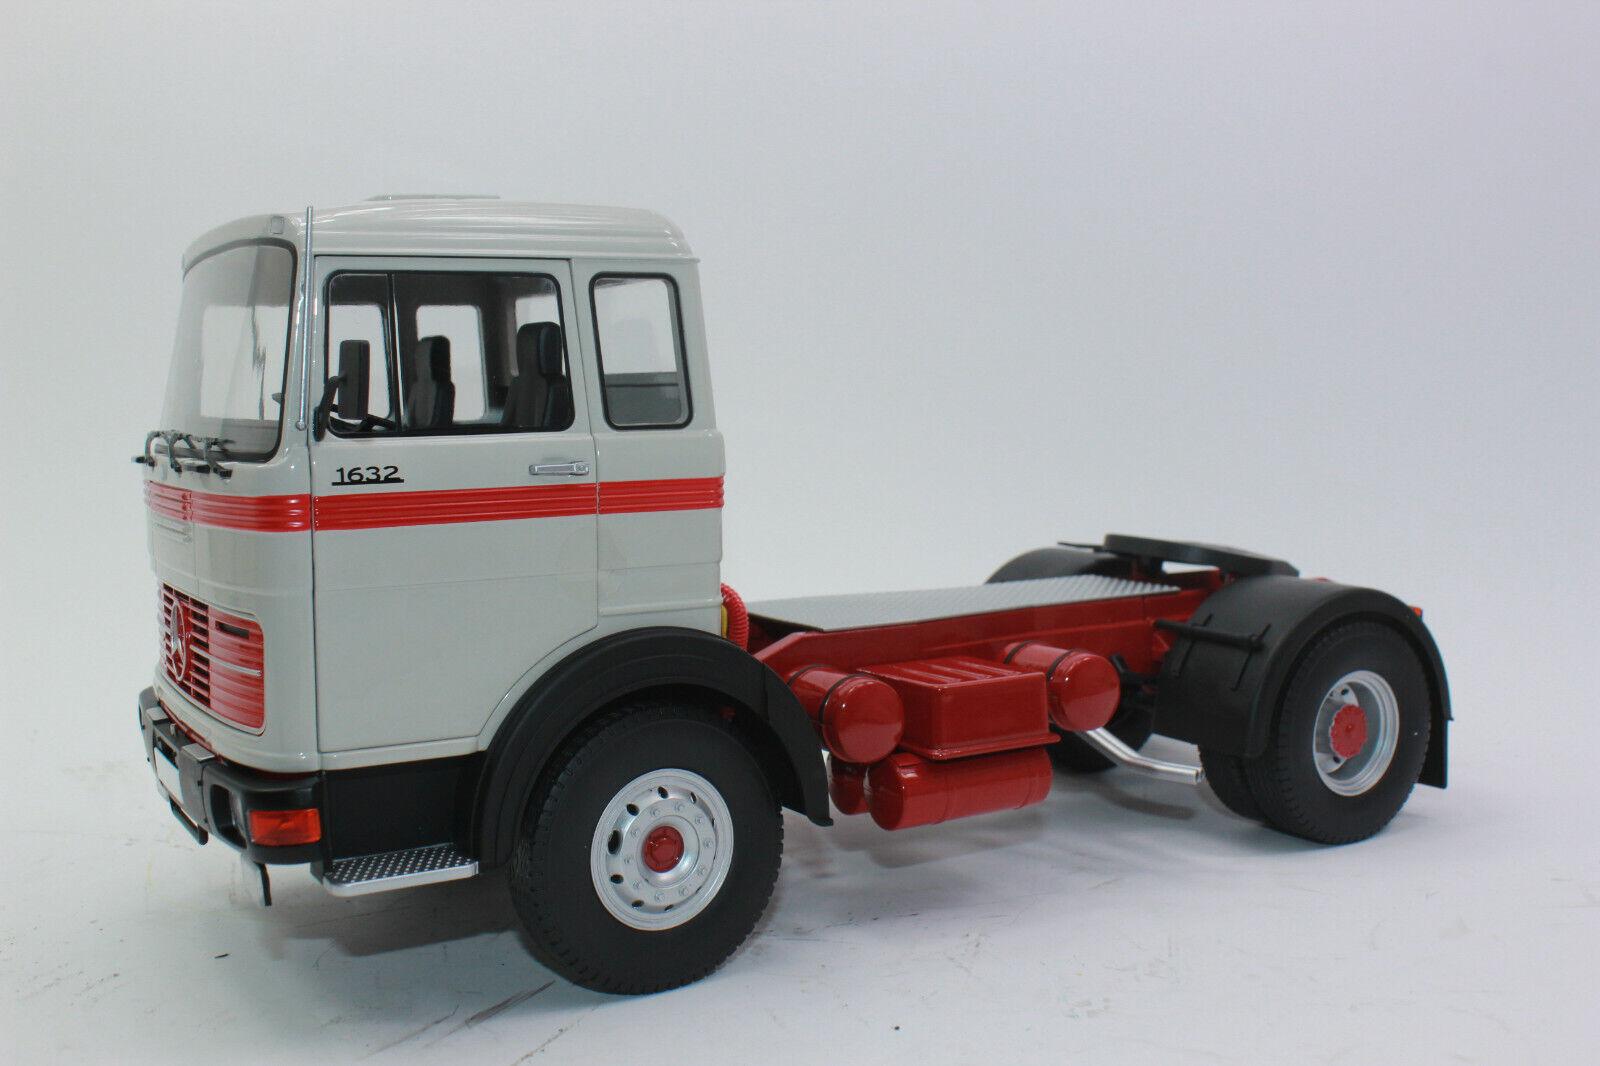 Road Kings rk180023 mercedes LPs 1632 BJ 1969 rojo gris tractor 1 18 nuevo